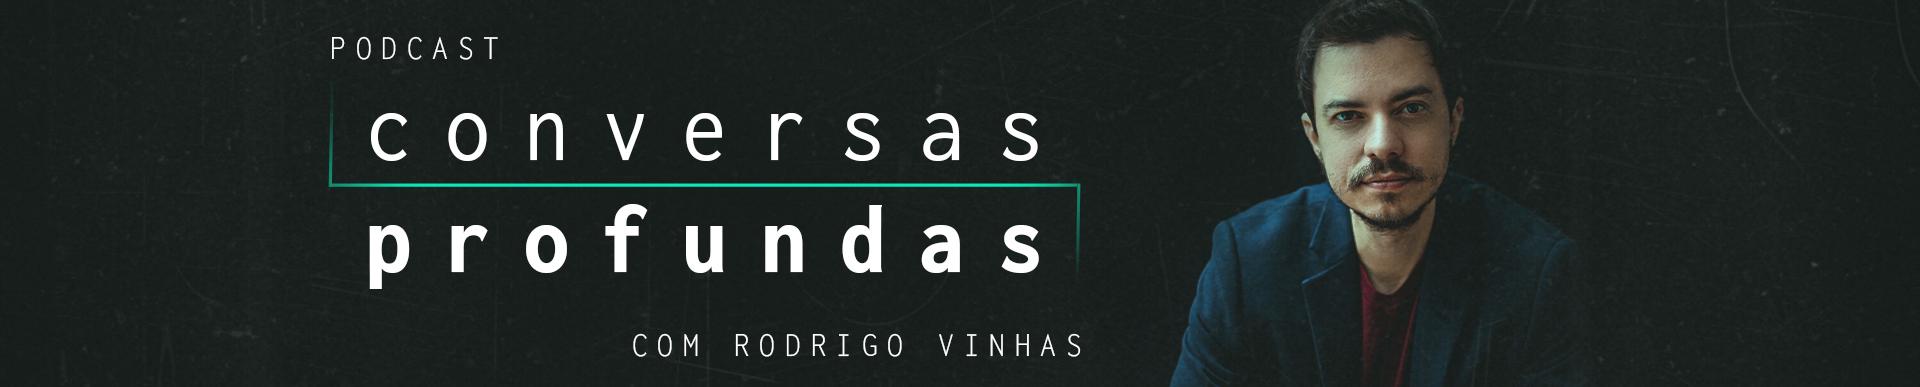 Podcast Conversas Profundas com Rodrigo Vinhas